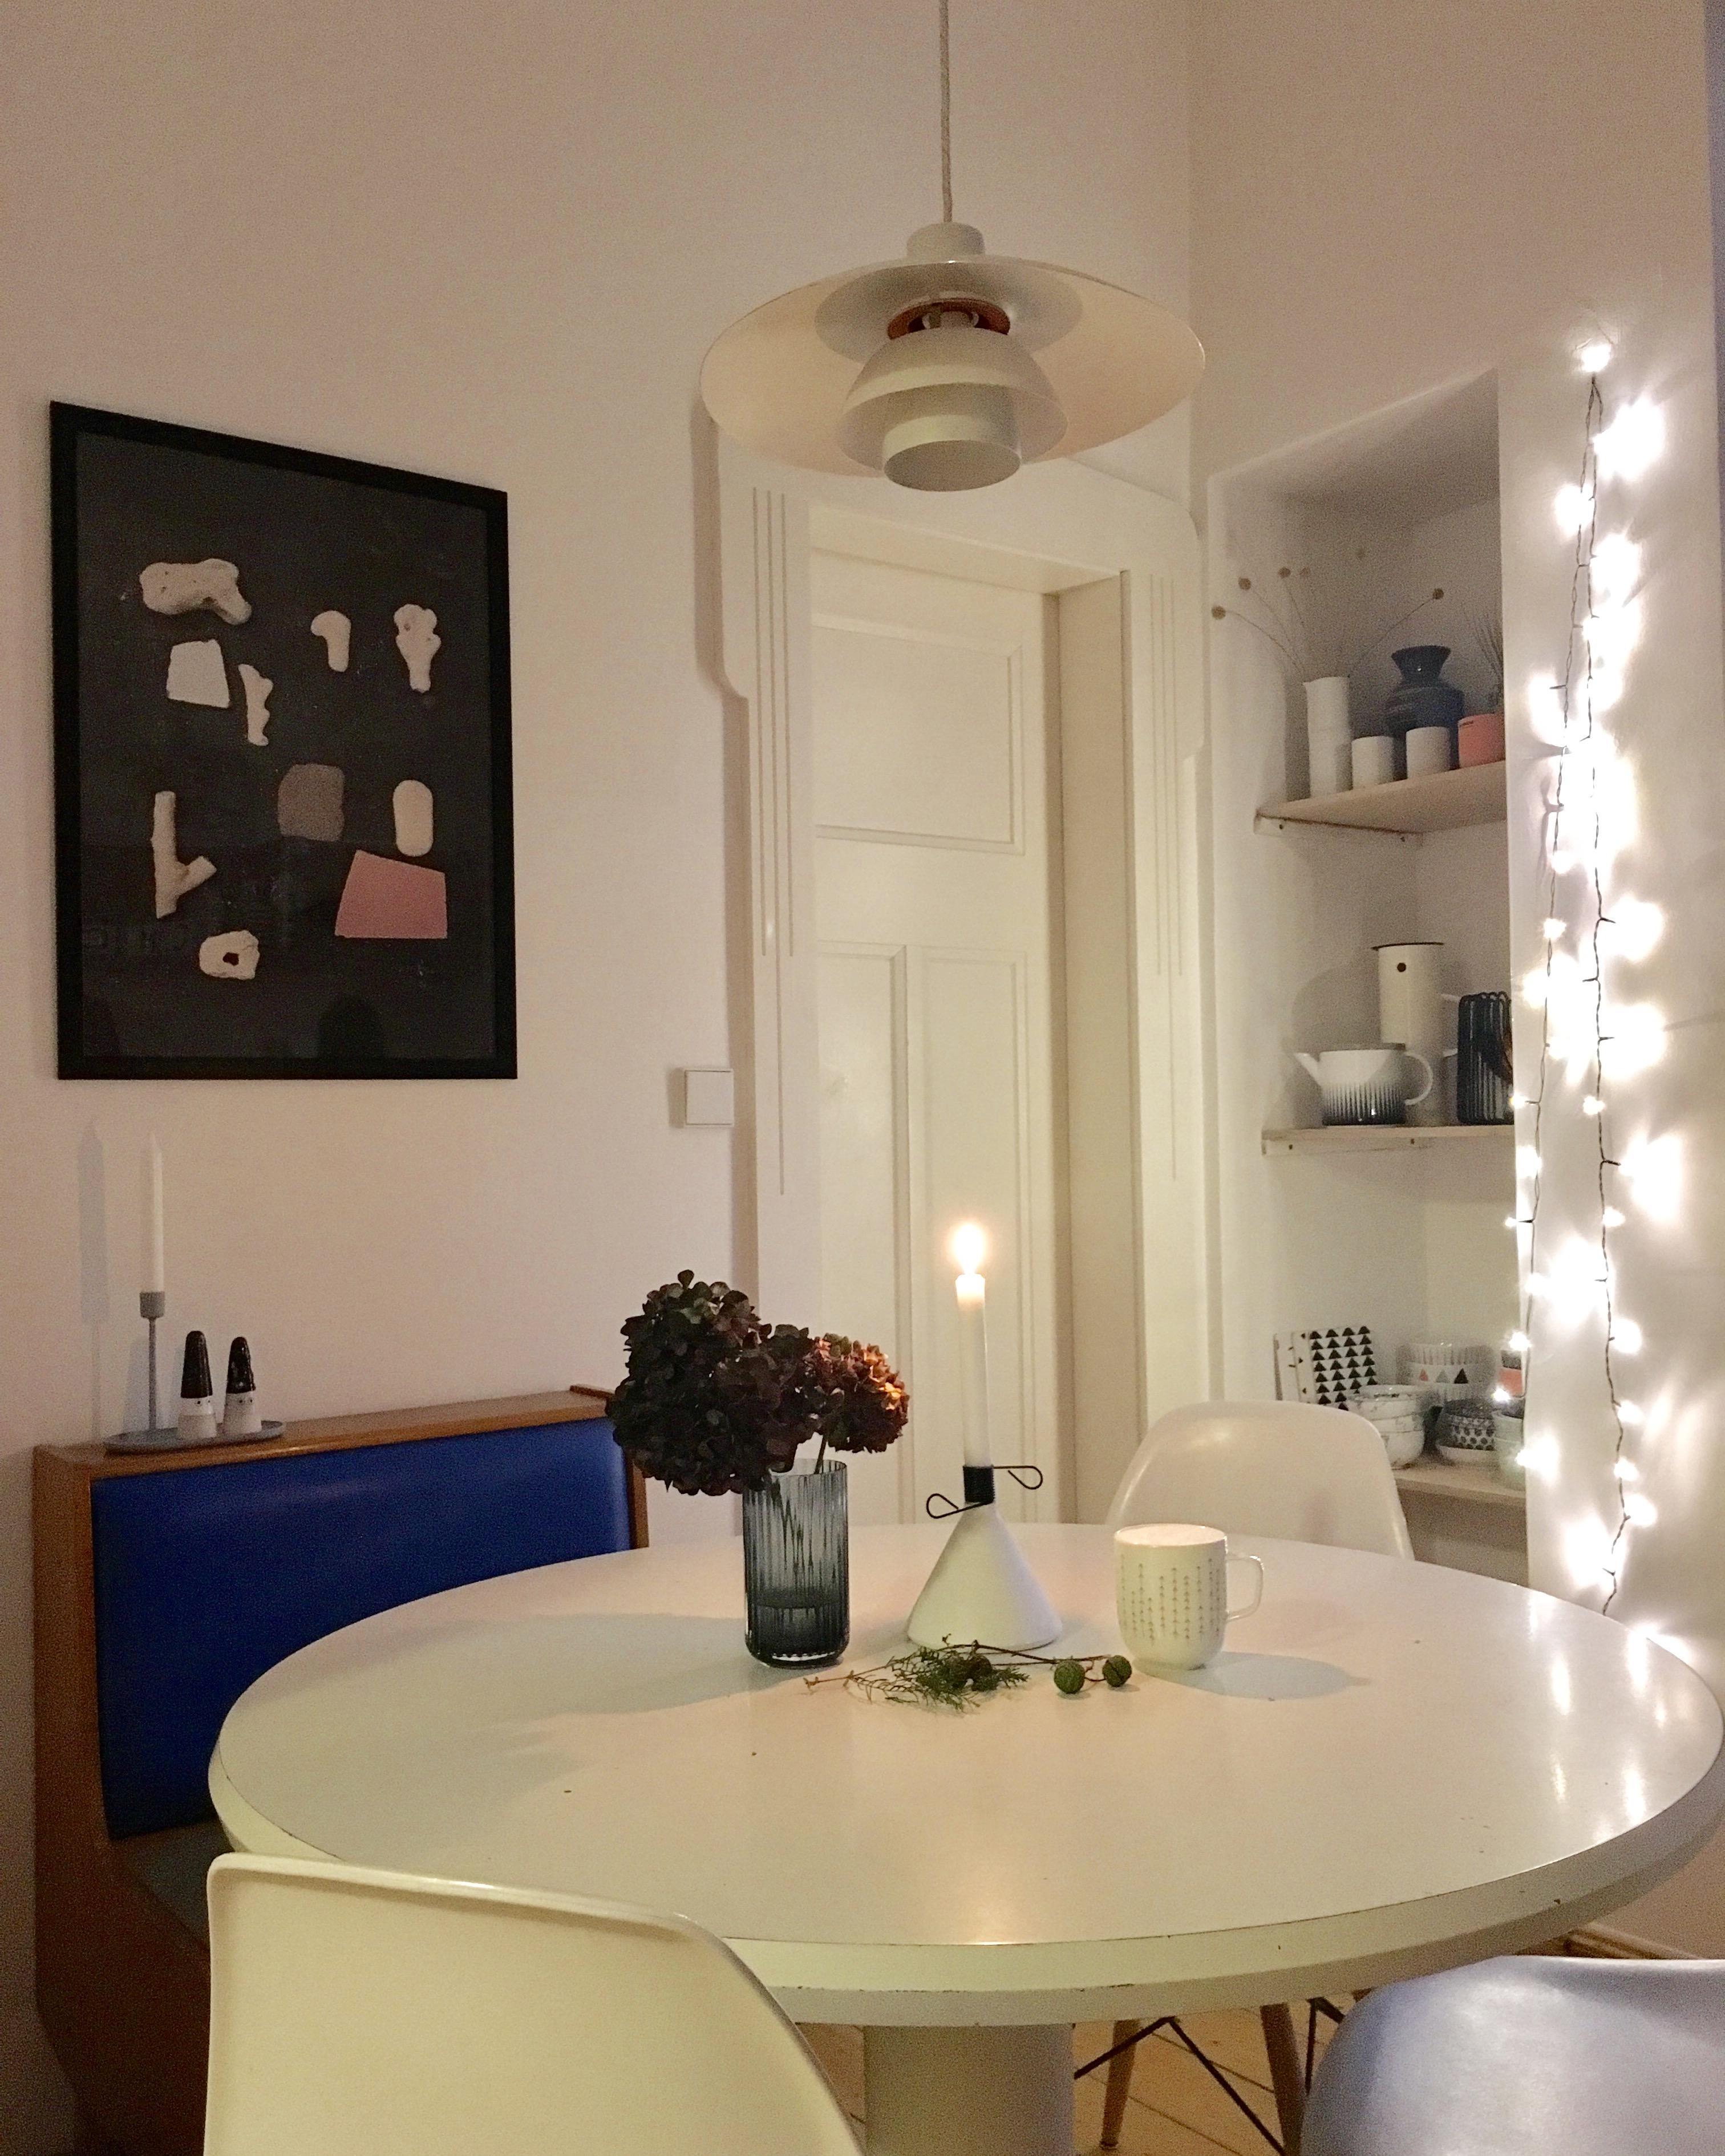 Erstaunlich Hängelampe Küche Foto Von #küche #pendelleuchte #louispoulsen #vintage #sitzbank #